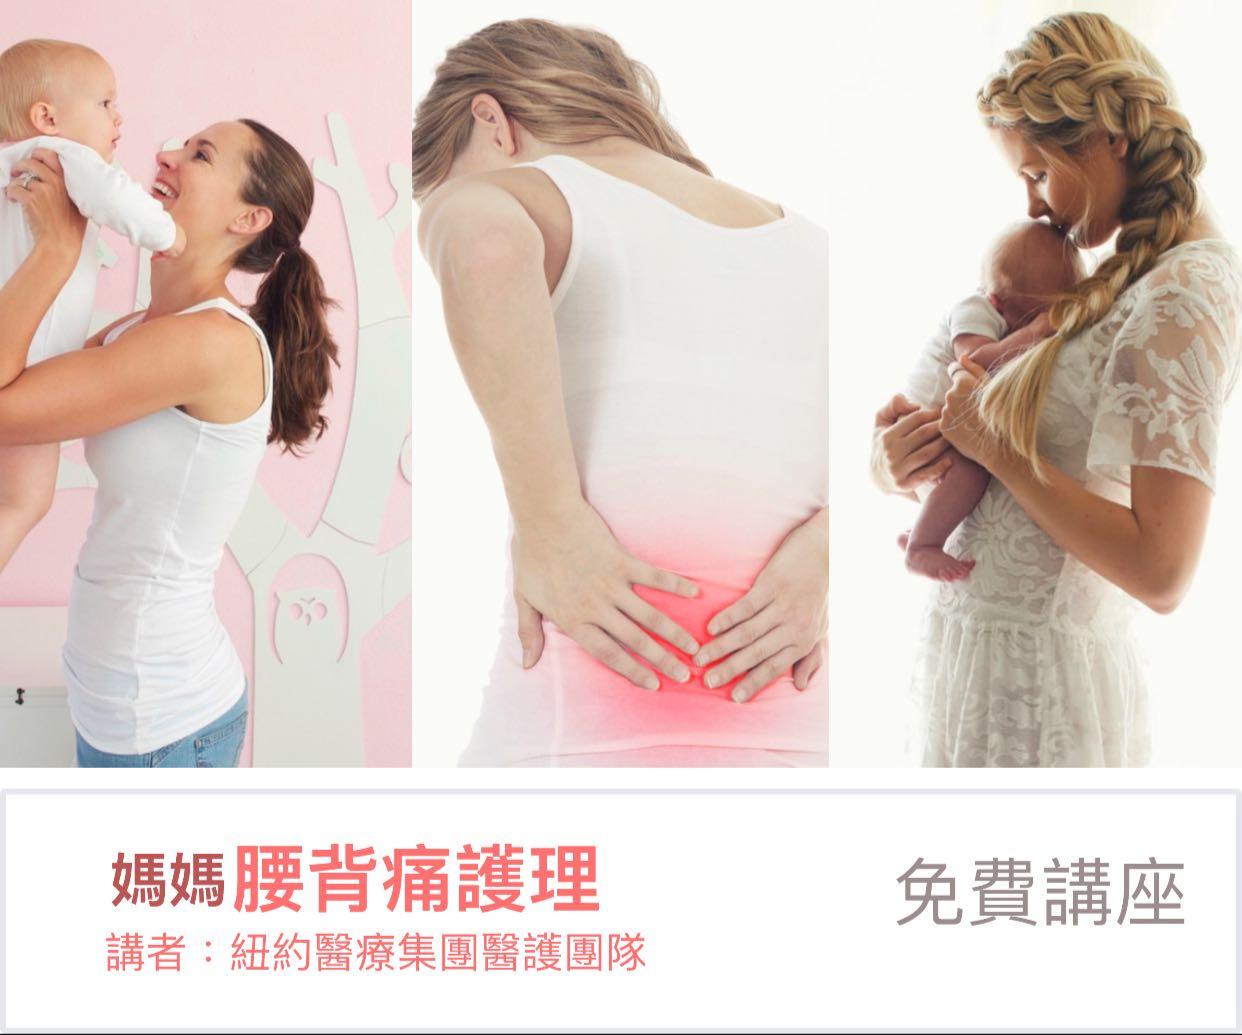 媽媽腰背痛護理